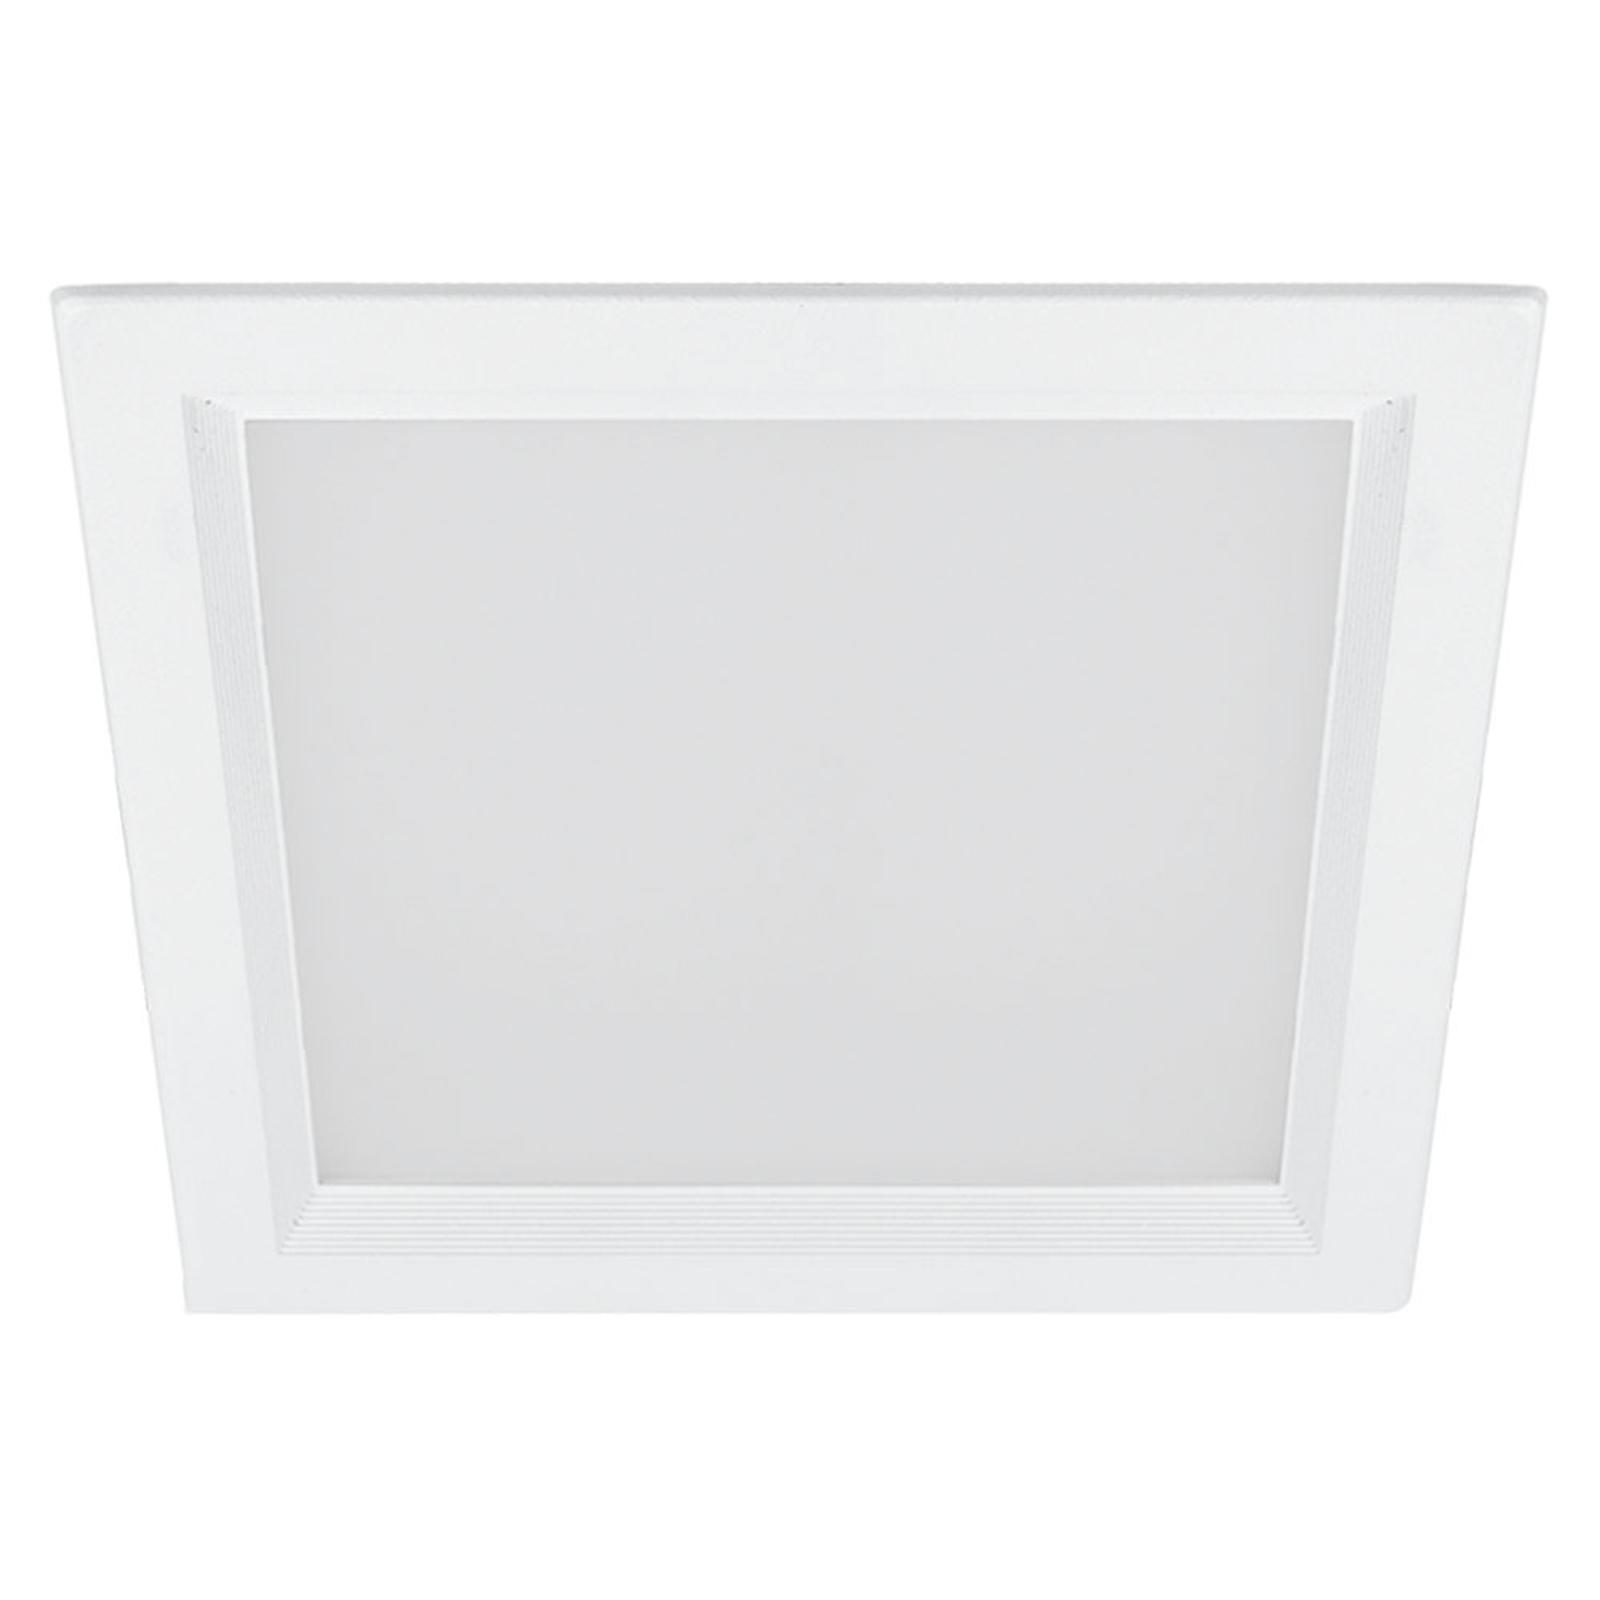 LED-uppovalaisin scota-SDES-O/220 4 000K 22x22cm